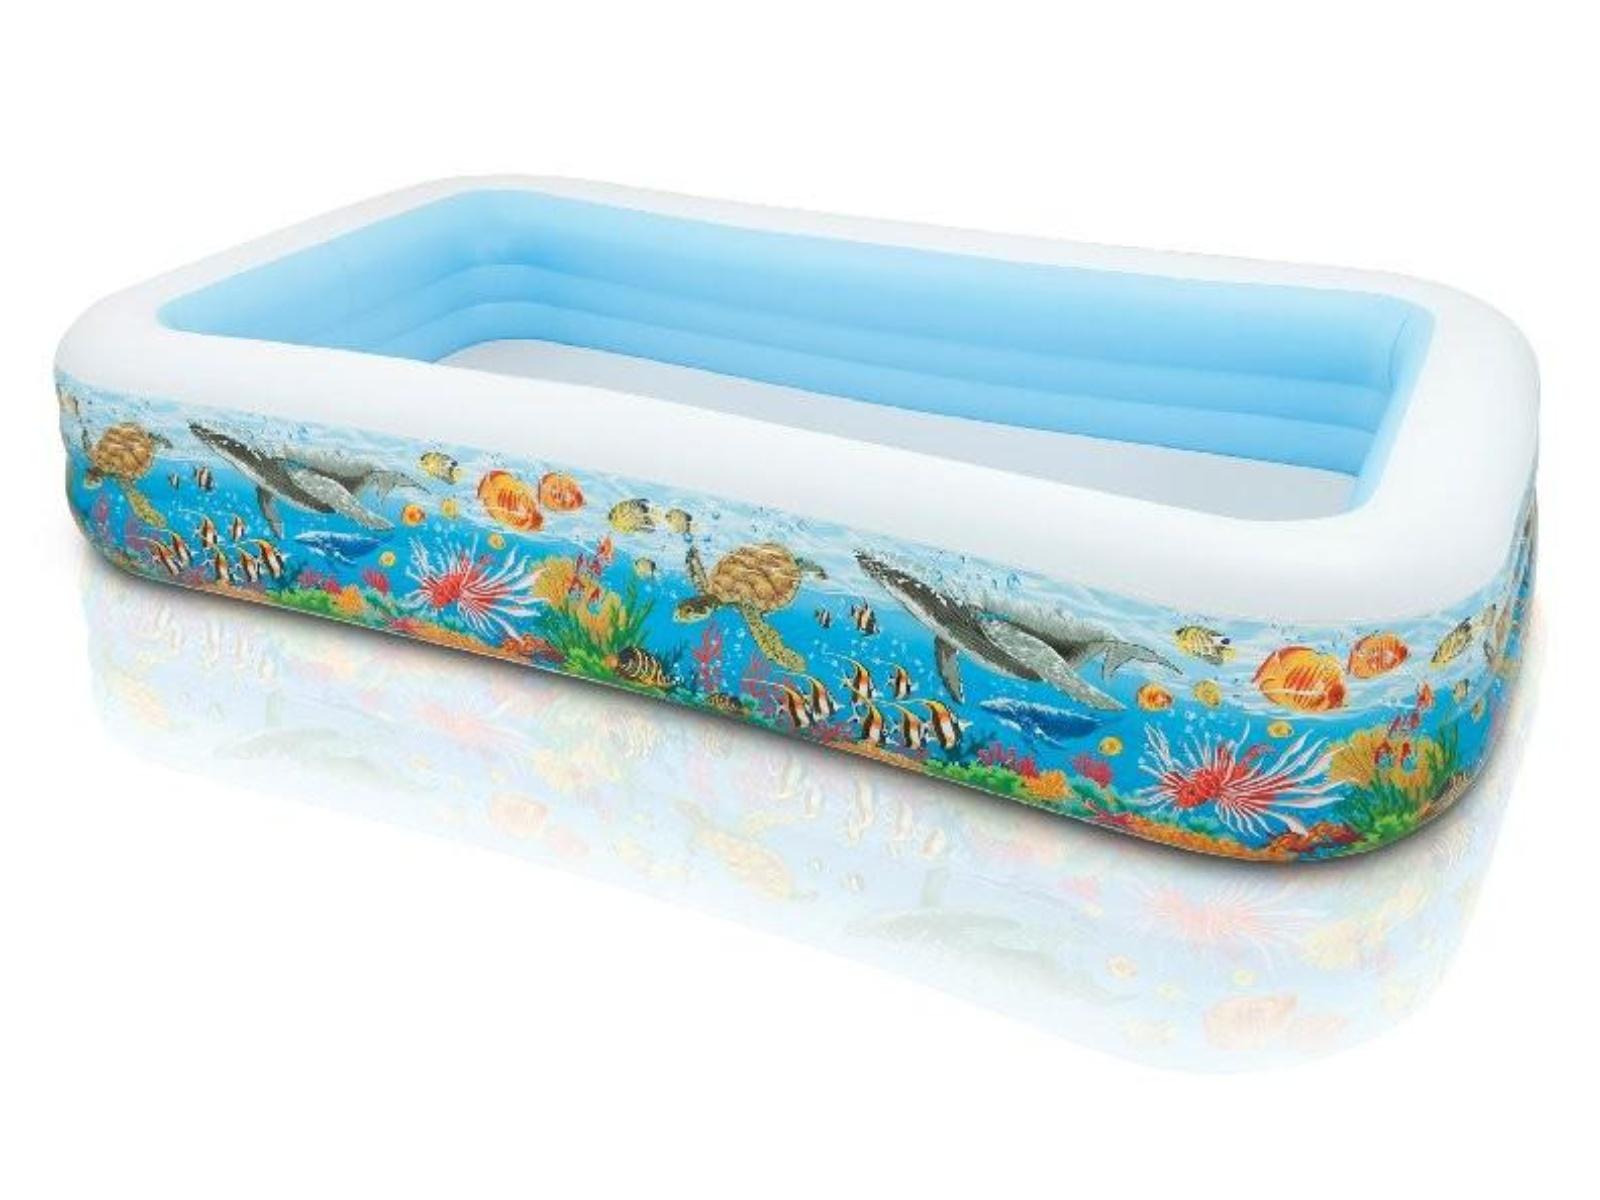 Nafukovací bazén INTEX Family obdélník potisk 305 x 183 x 56 cm